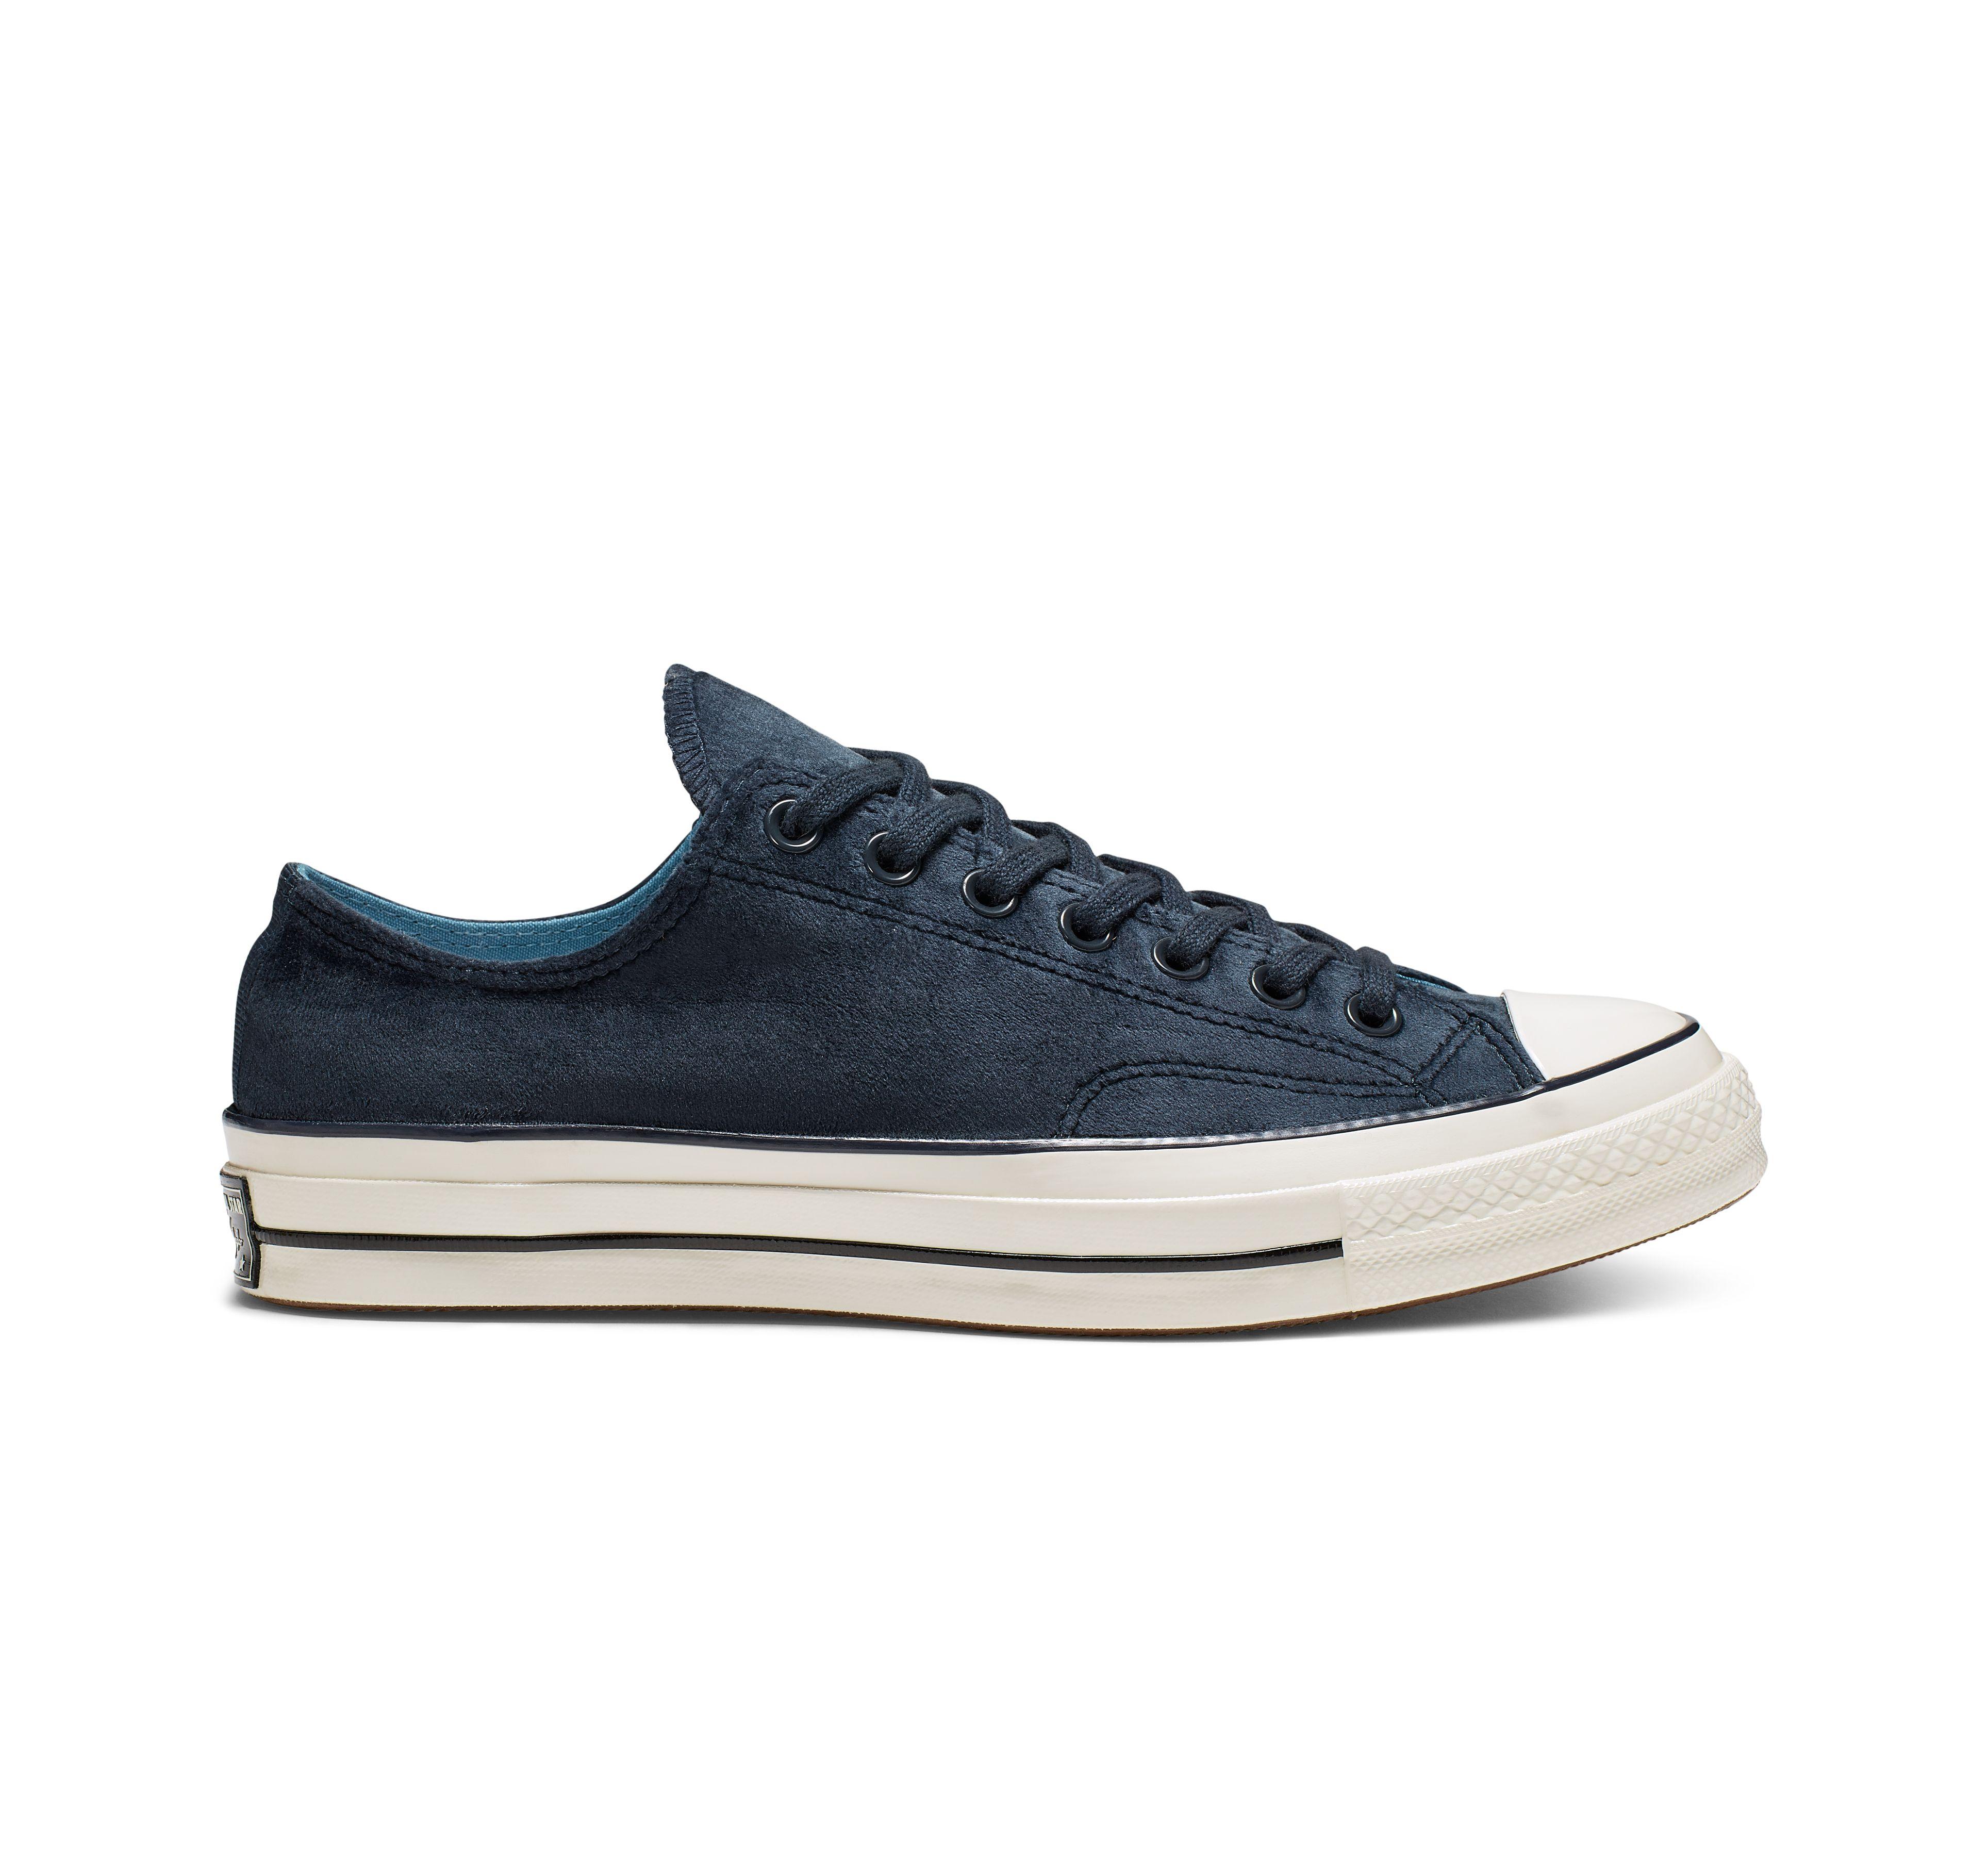 Chuck 70 Velvet Low Top | Velvet shoes, Converse, Chuck